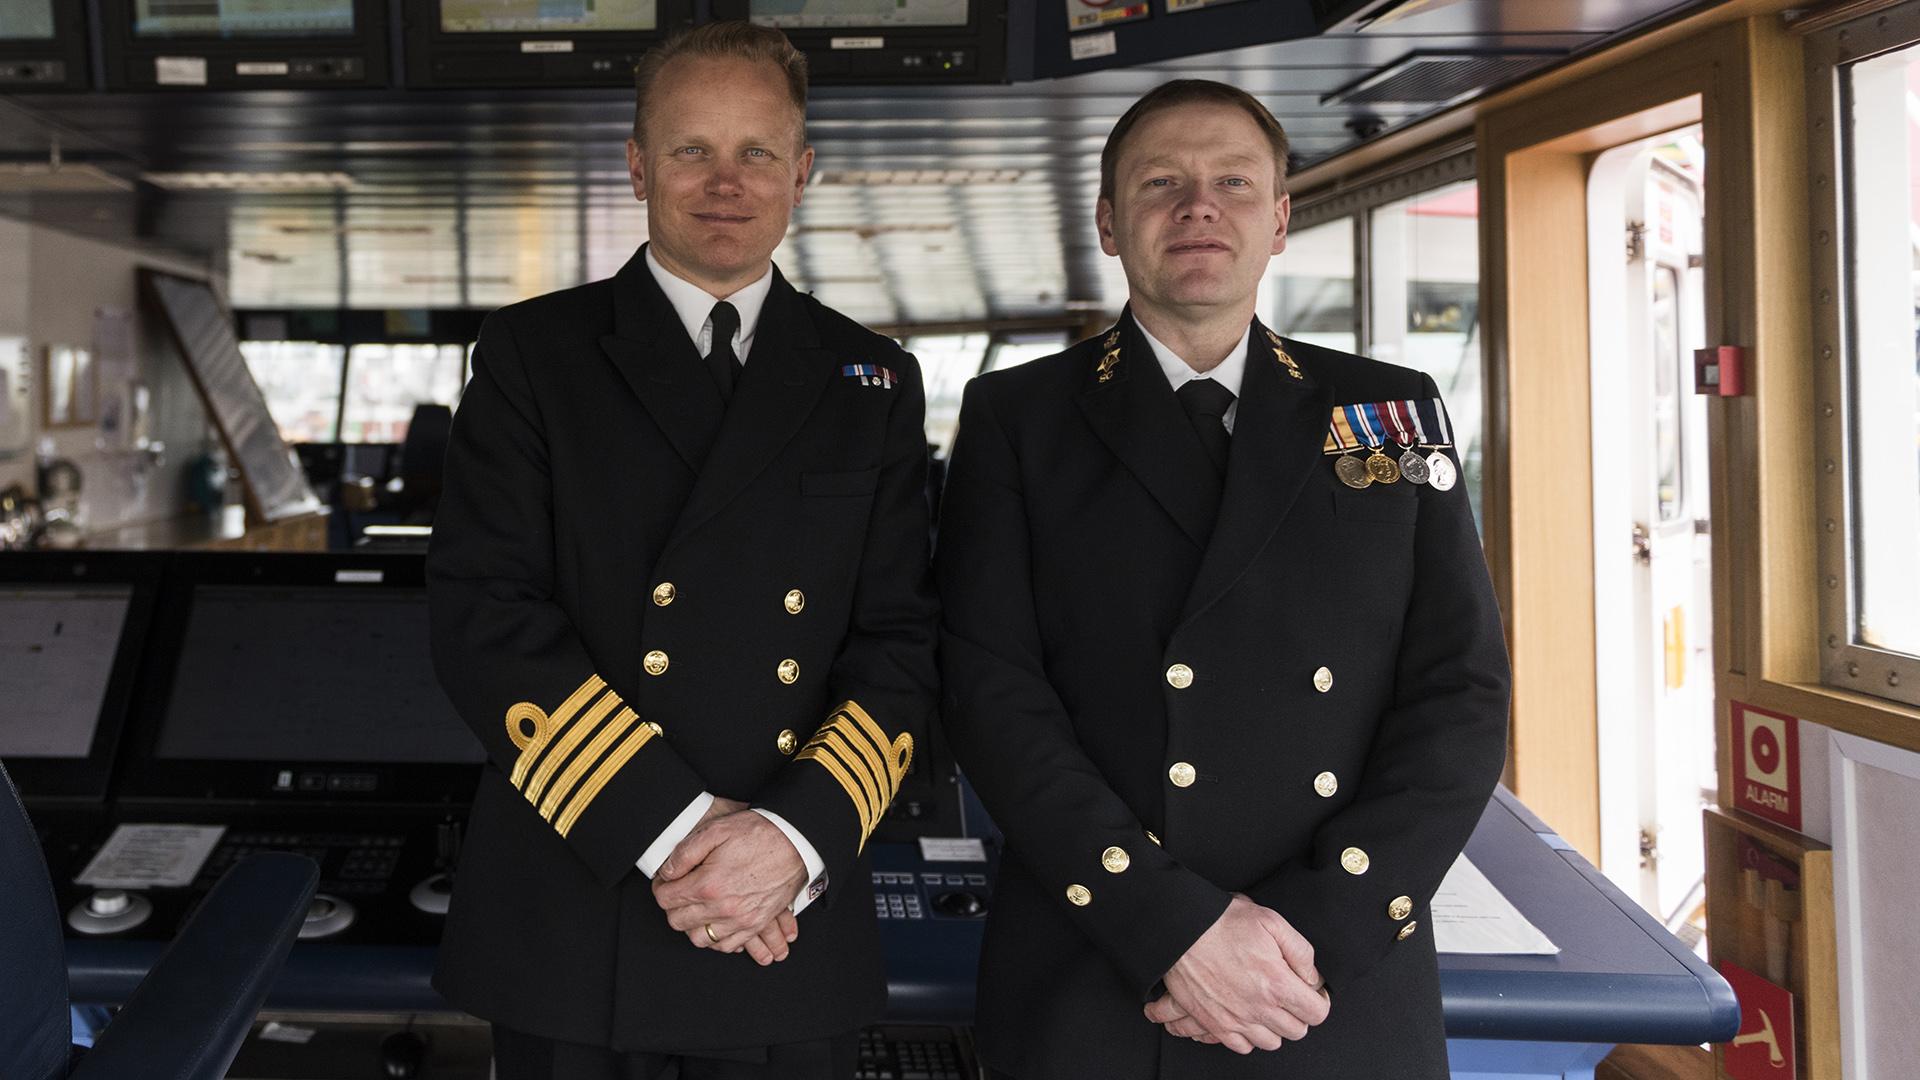 El capitán Matt Syrett junto al oficial Simon Warren, quien fue parte de la tripulación que participó de la búsqueda del ARA San Juan